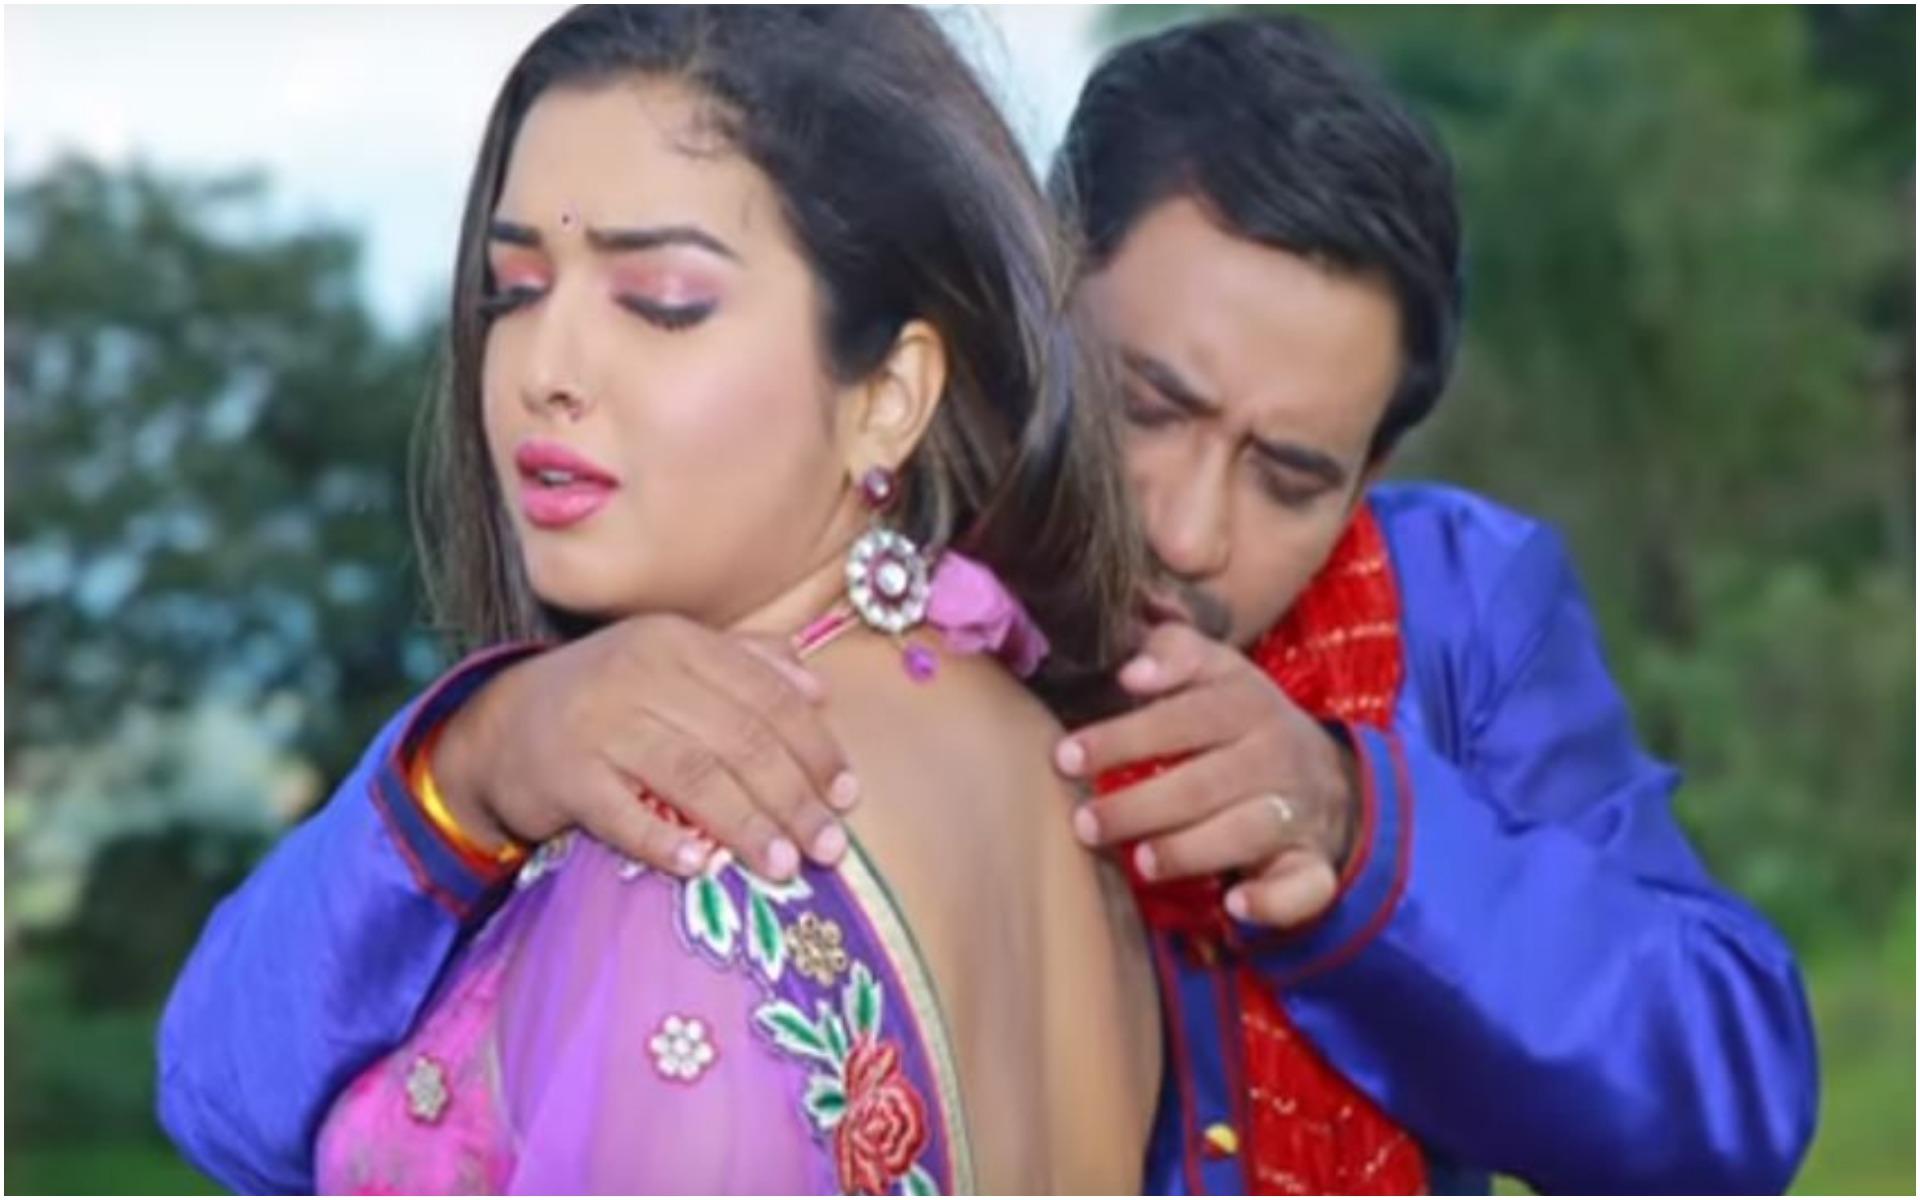 Bhojpuri Song: निरहुआ और आम्रपाली दुबे का भोजपुरी गाना हुआ वायरल, देखें वीडियो